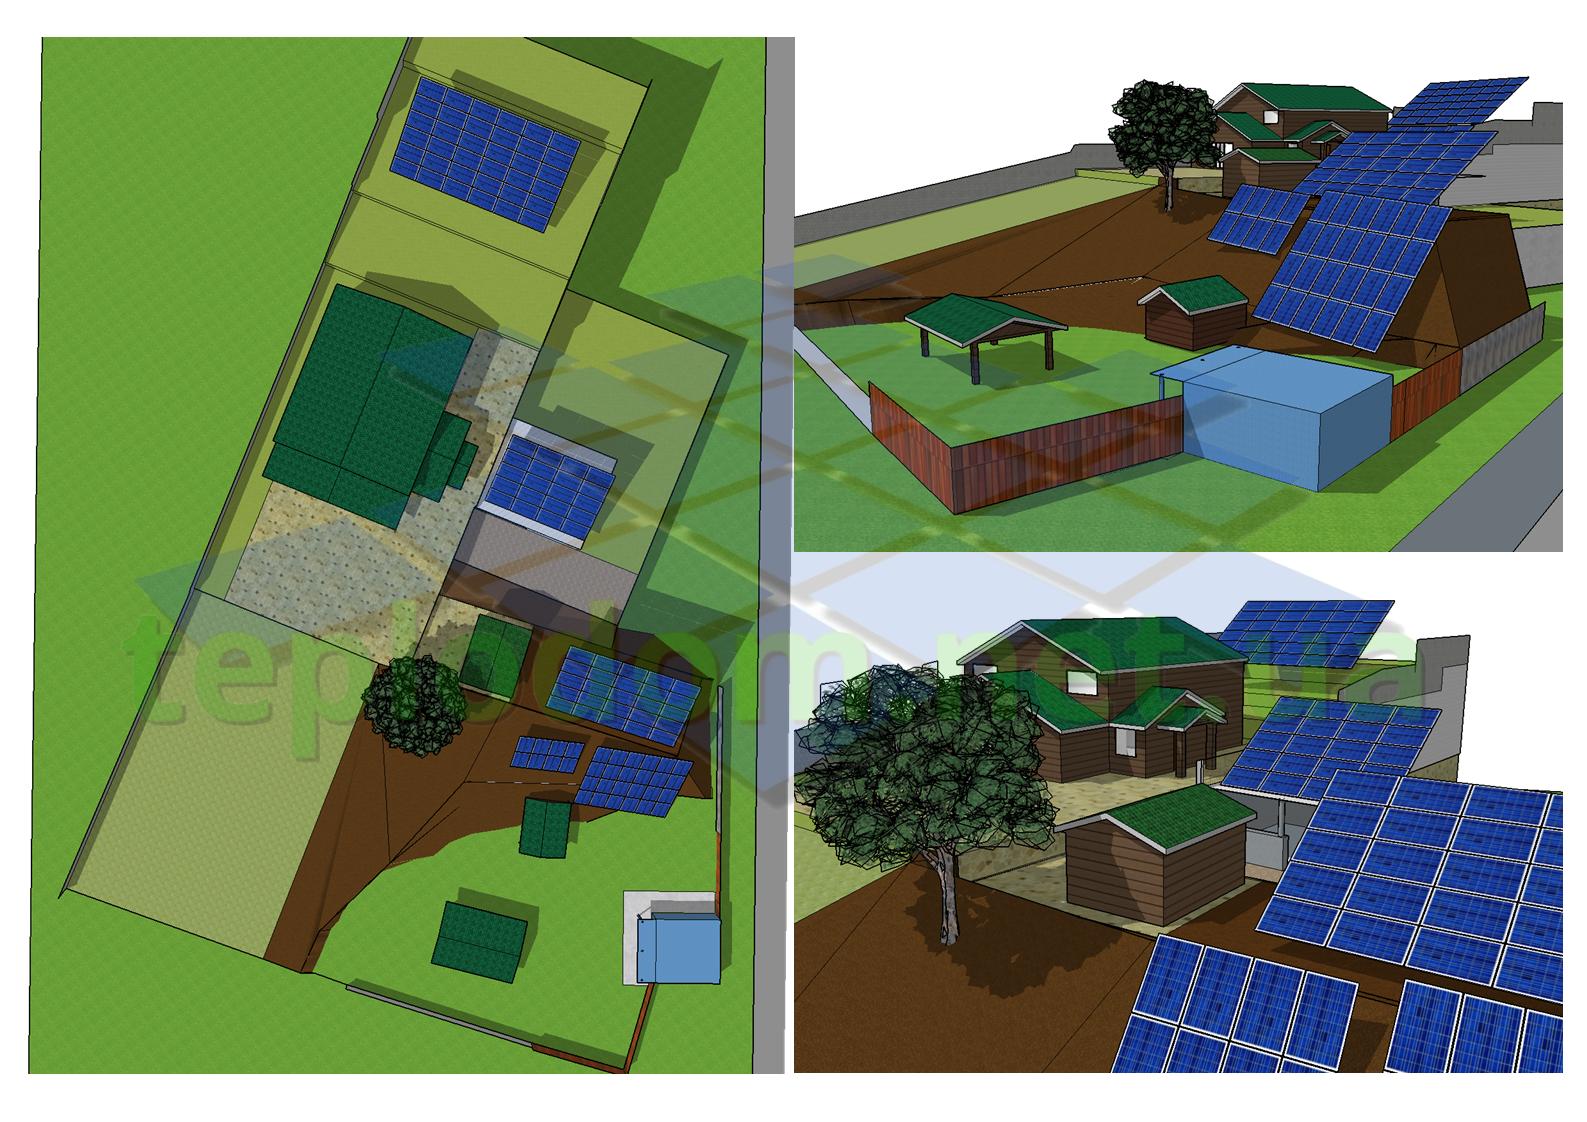 проект солнечной электростанции, дизайн СЭС 30 кВт на сложном рельефе